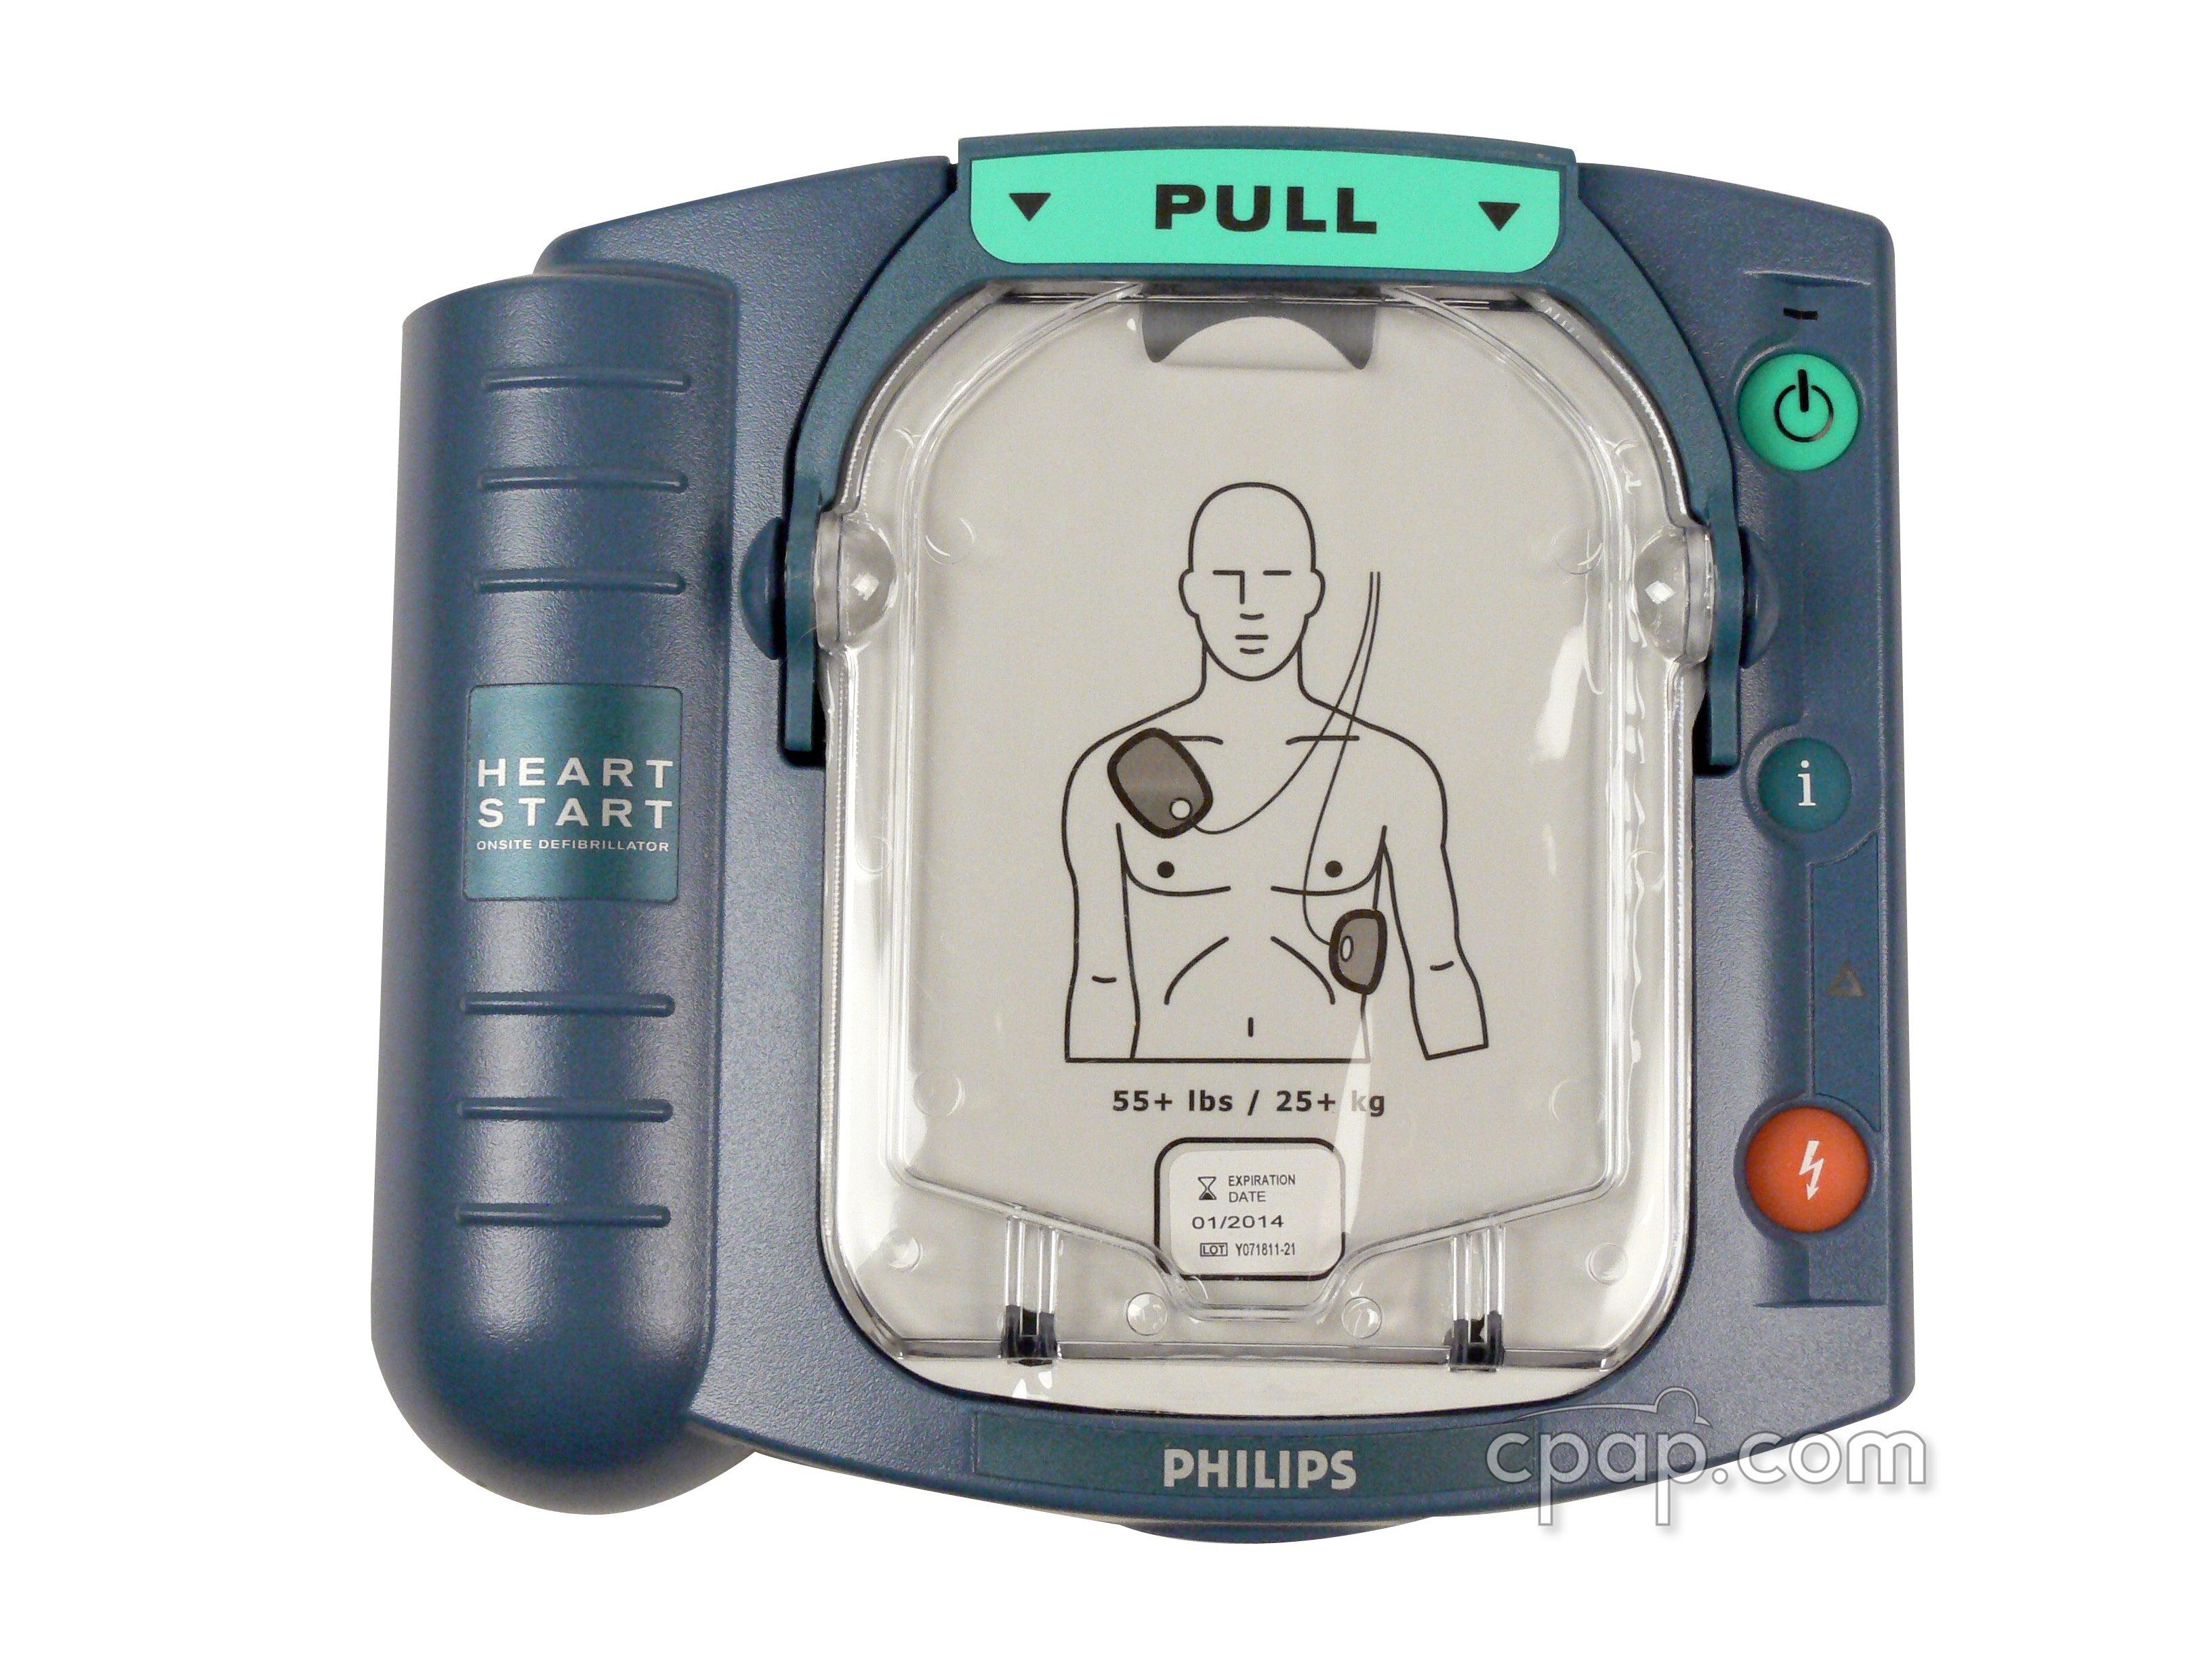 heartstart-home-defibrillator-philips